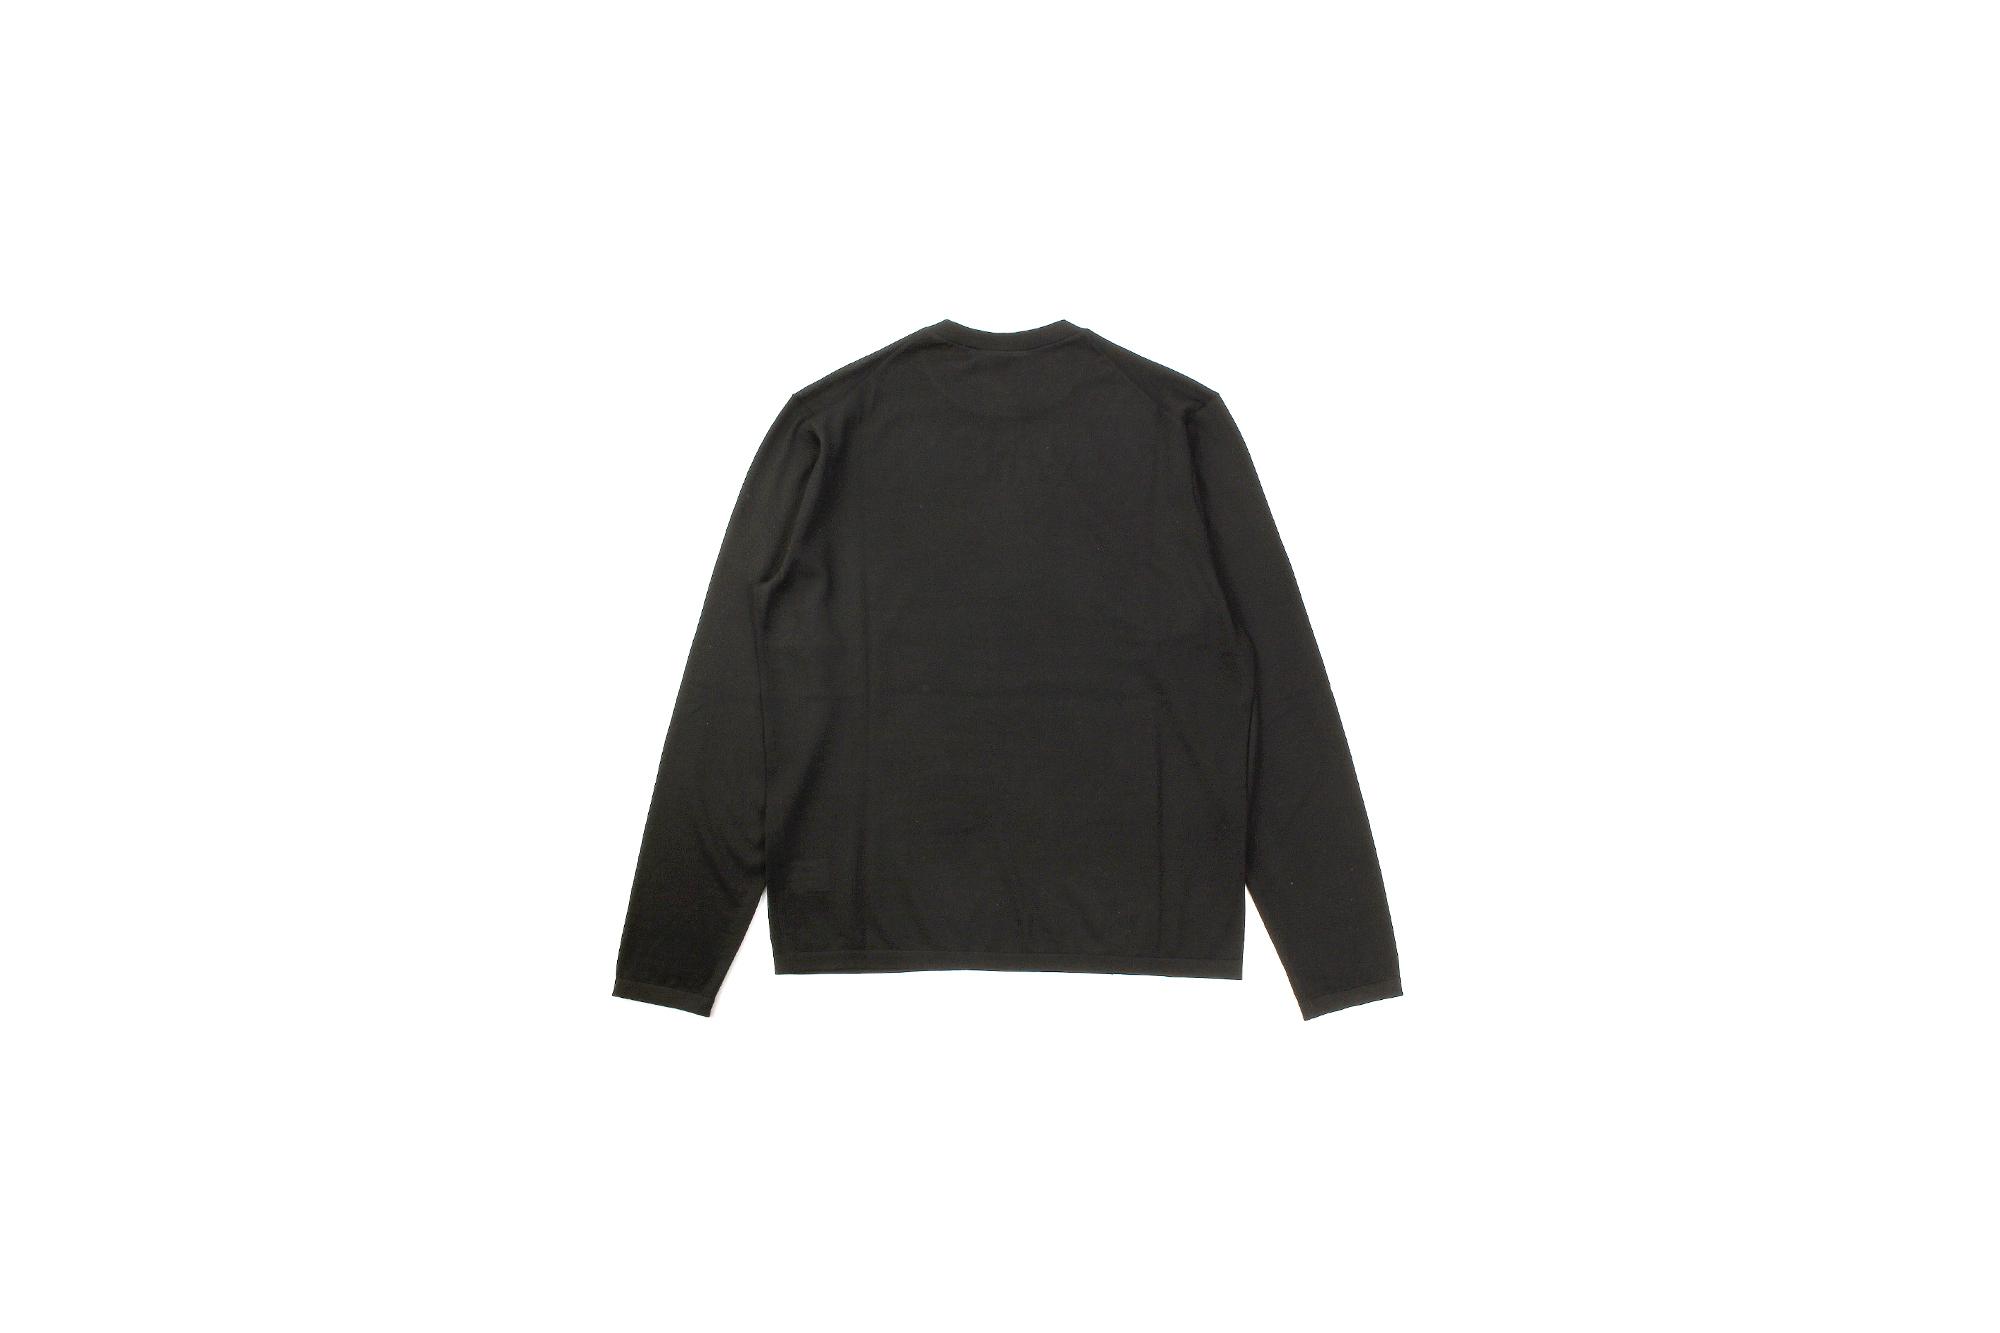 MANRICO CASHMERE (マンリコ カシミア) Ultra light Cashmere Crew Neck LS T-Shirts (ウルトラライトカシミア クルーネック ロングスリーブ Tシャツ) ハイゲージ カシミヤ サマーニット ロングスリーブ Tシャツ made in italy (イタリア製) 2021 春夏 【ご予約受付中】【全16色】愛知 名古屋 Alto e Diritto アルトエデリット